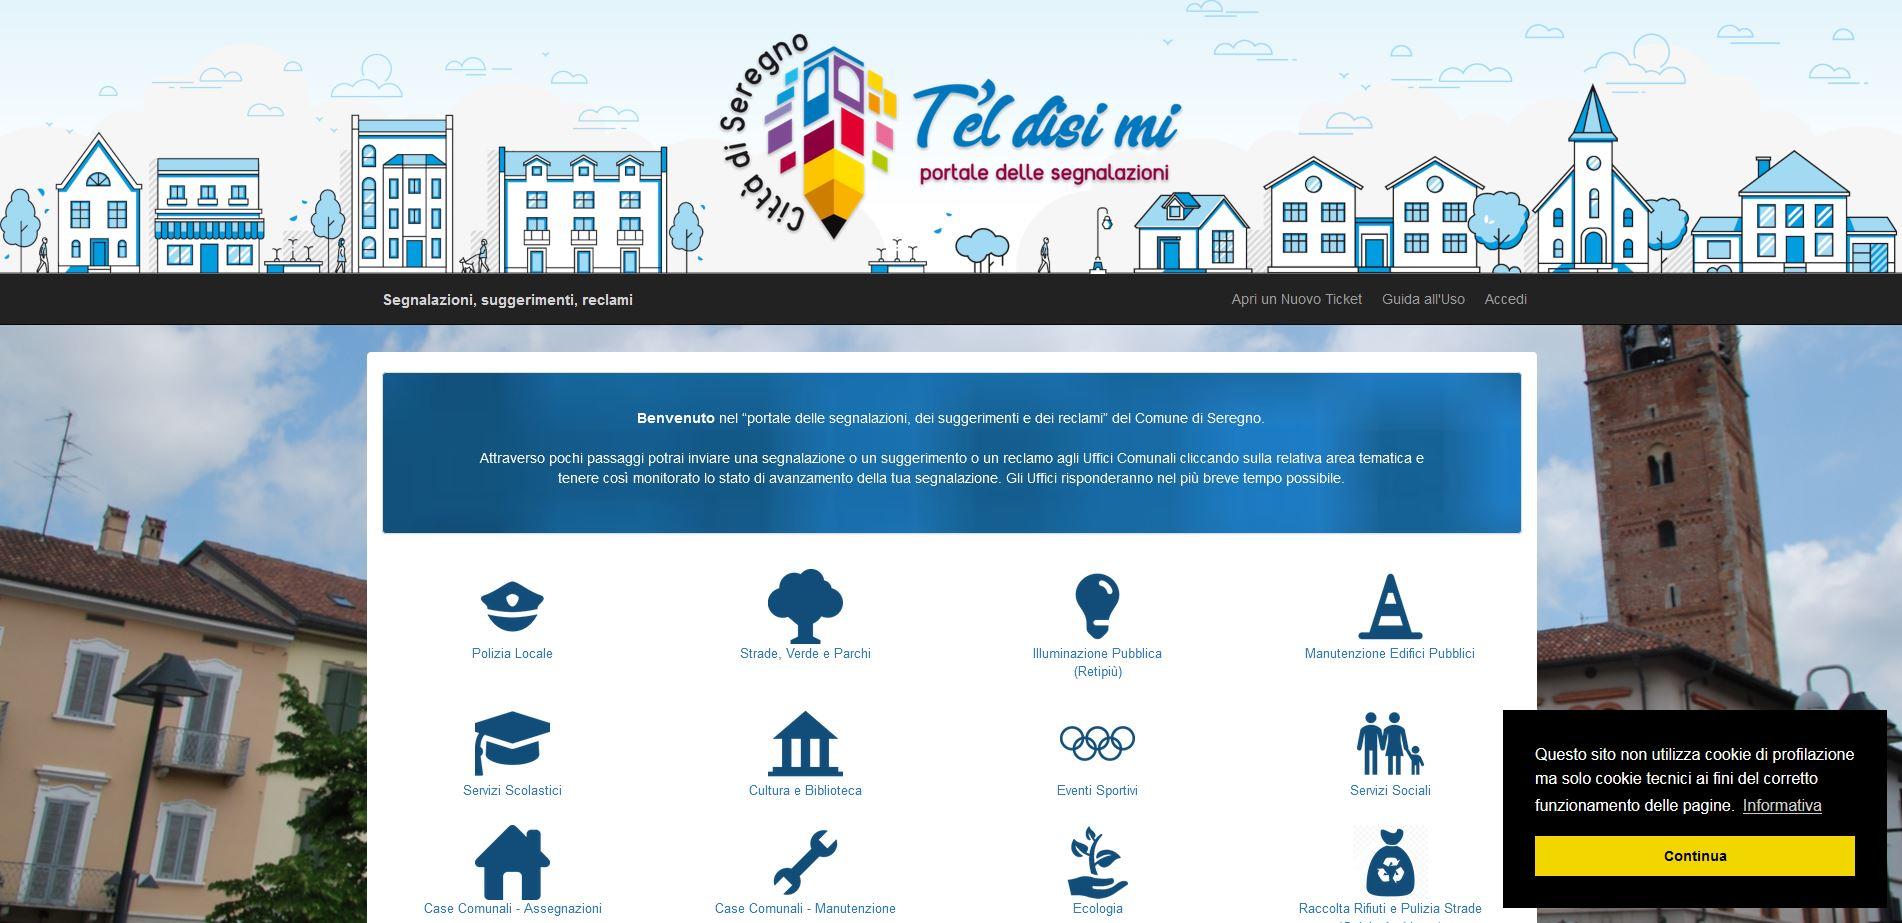 """Seregno, oltre mille le segnalazioni inoltrate al Comune tramite il portale """"T'el disi mi"""" nel suo primo anno di vita"""